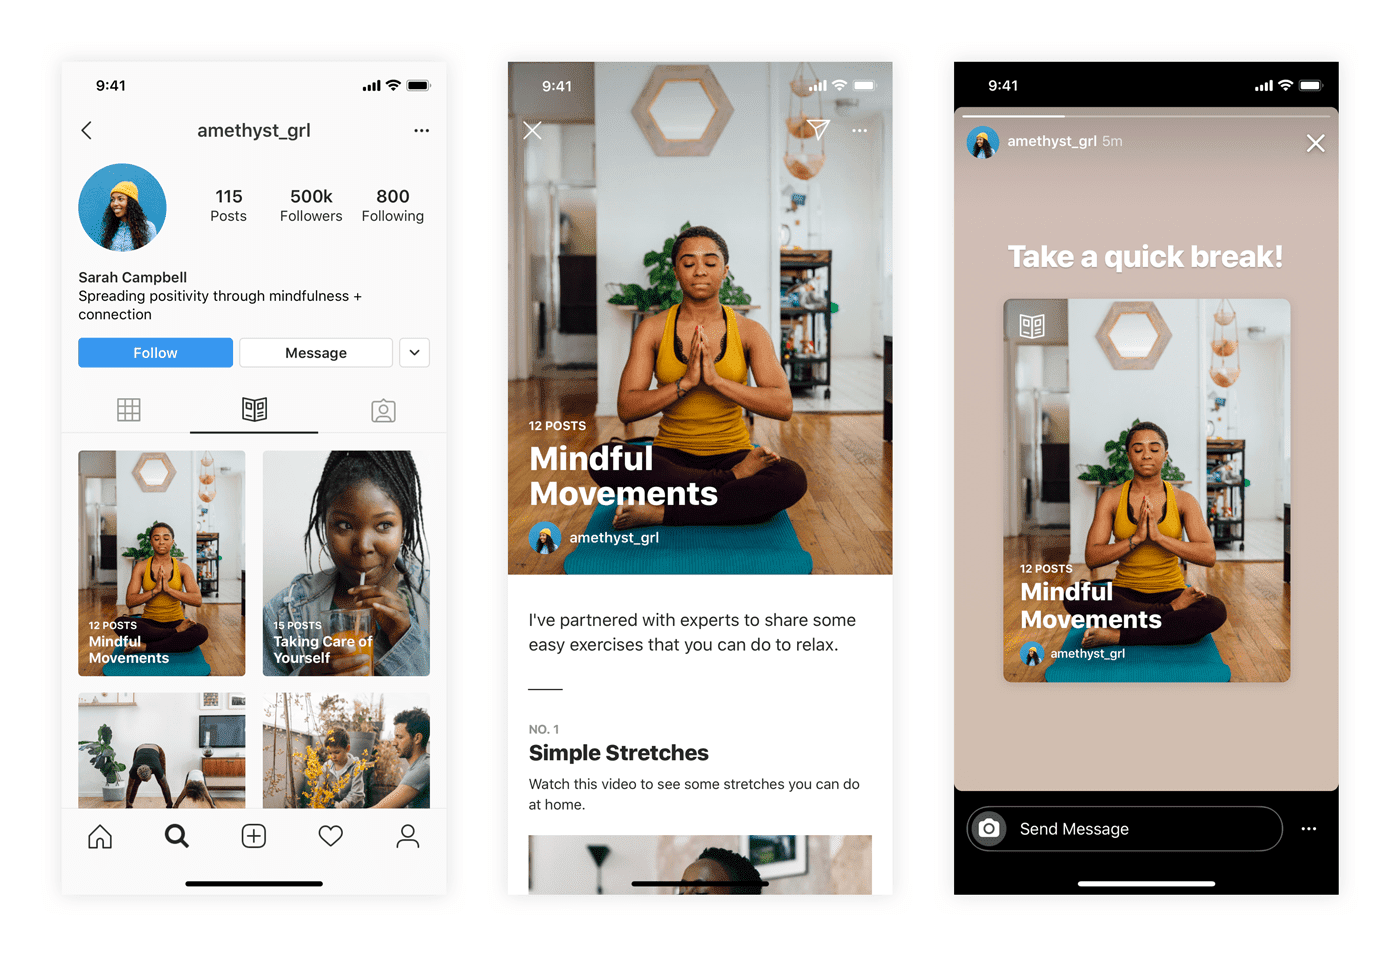 Consigli per il benessere, Instagram introduce Guide